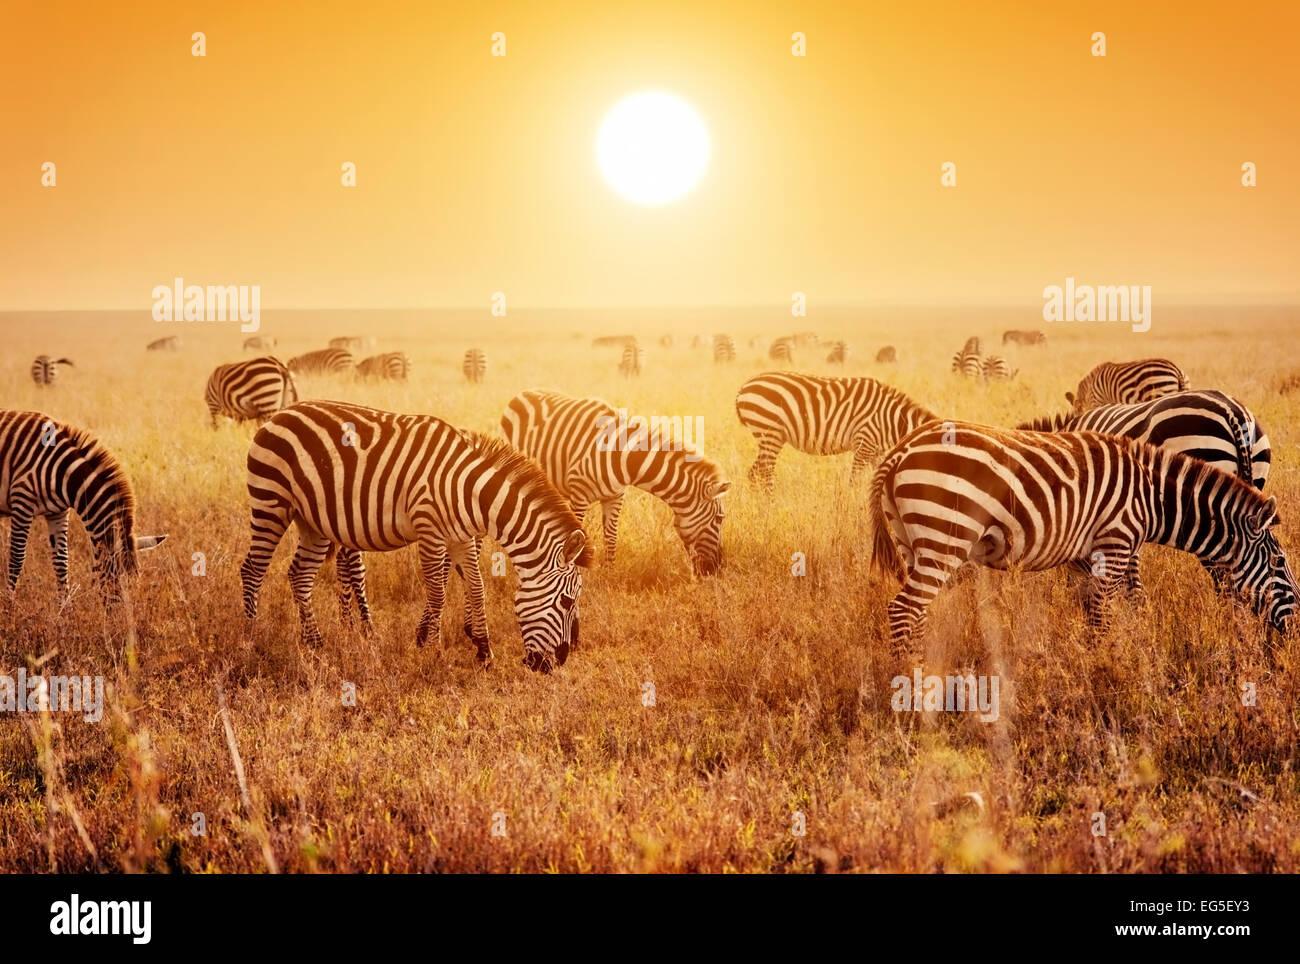 Cebras rebaño en la sabana al atardecer, África. Safari en el Serengeti, Tanzania Imagen De Stock